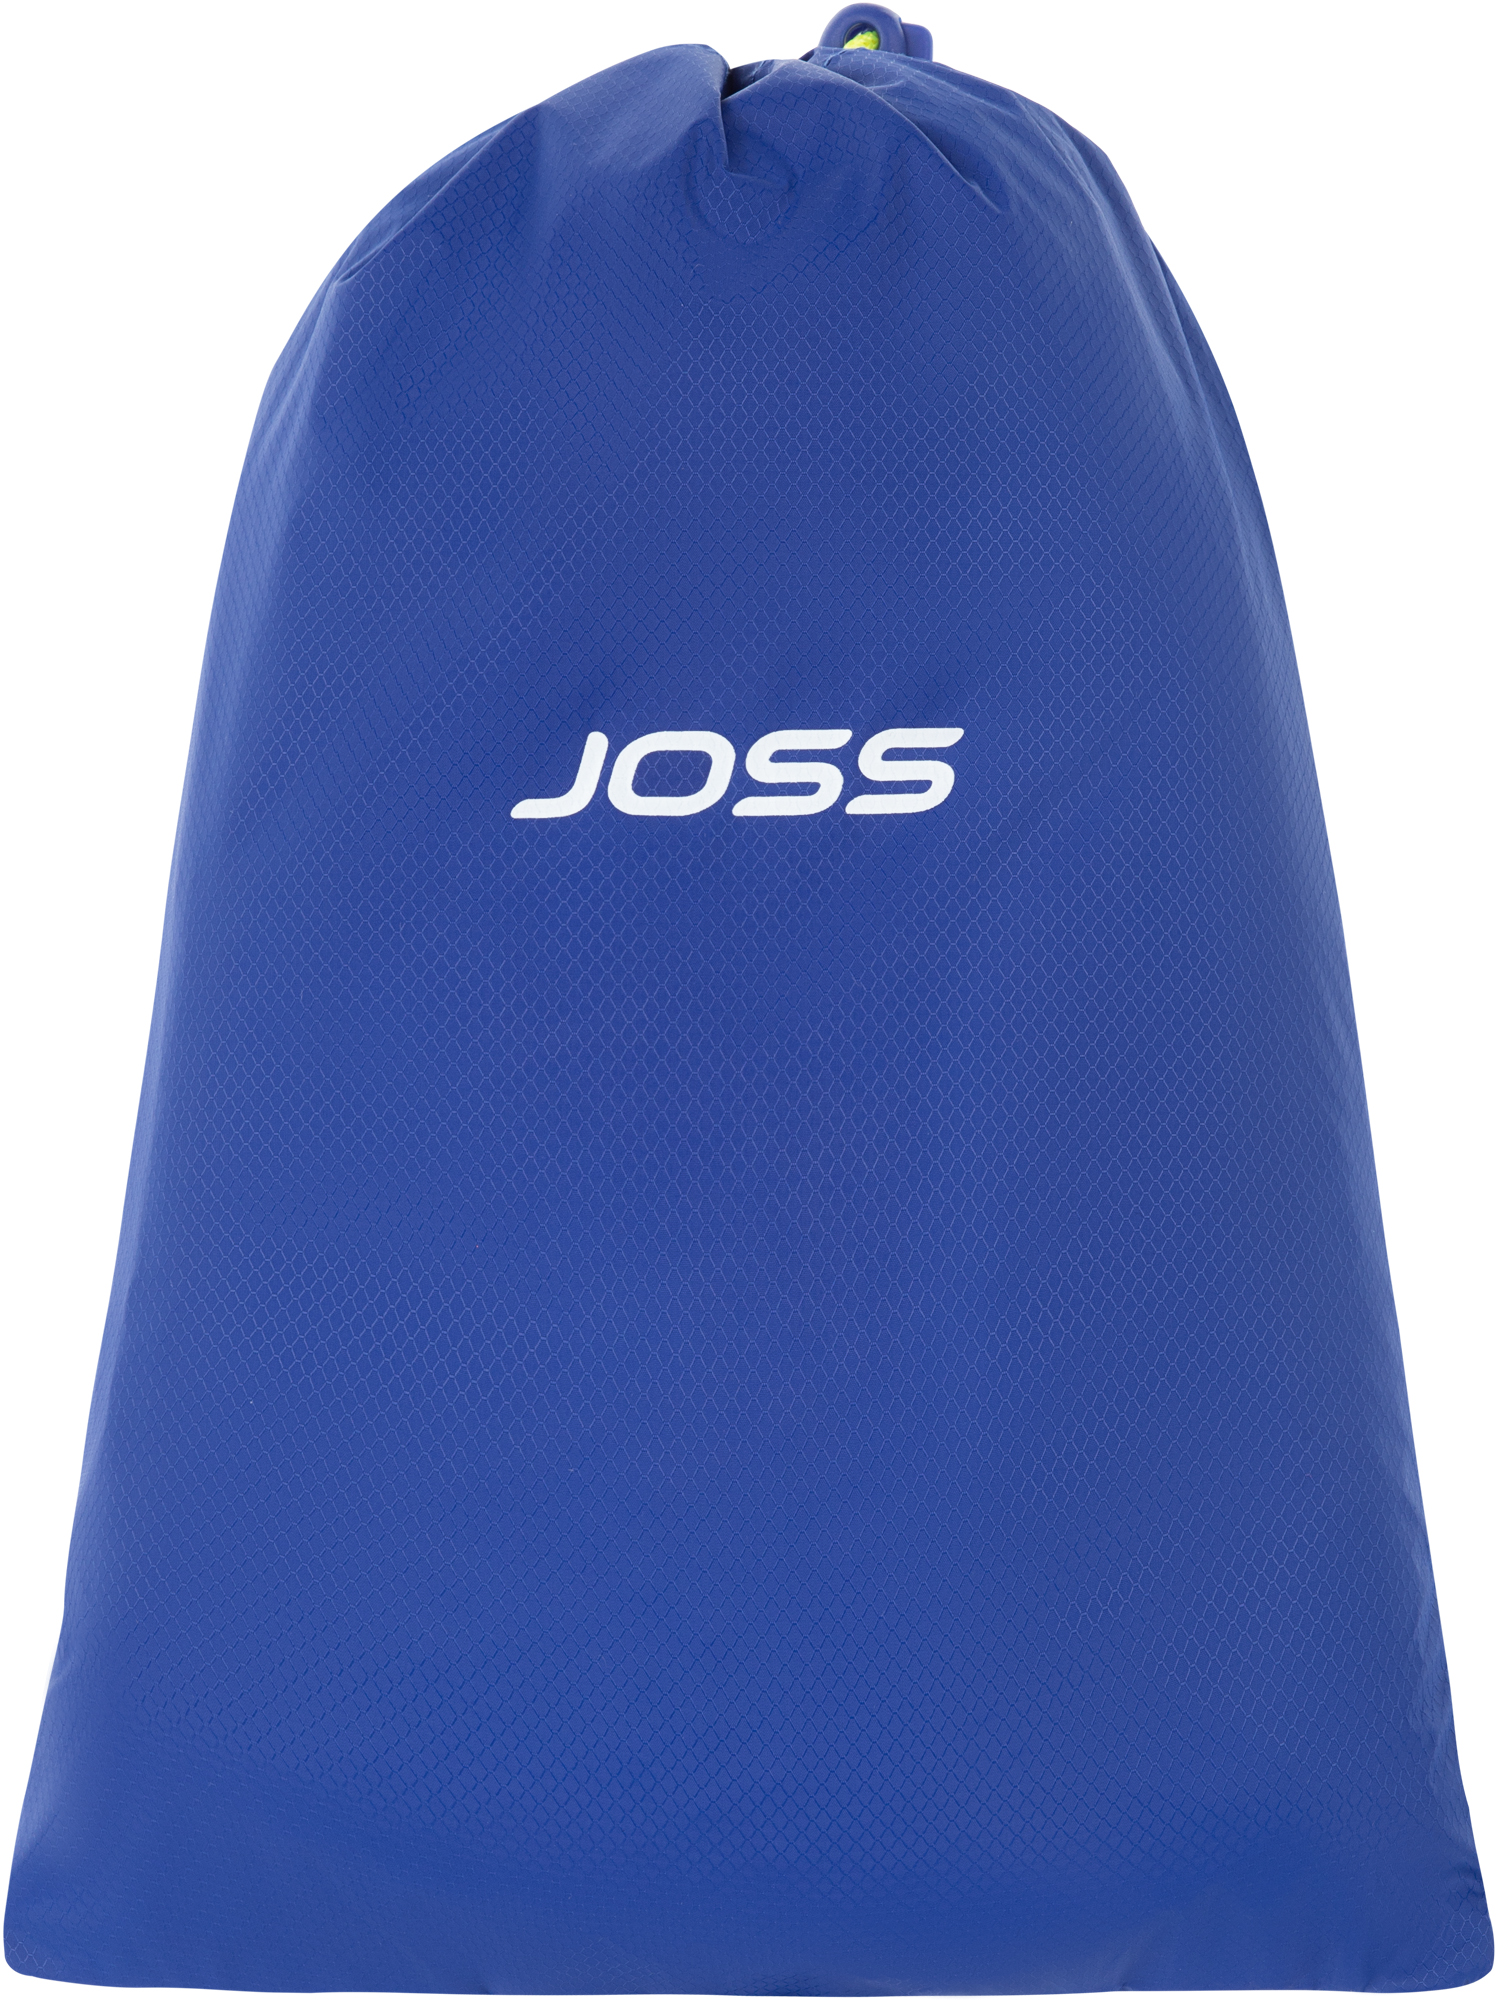 Joss Мешок для мокрых вещей